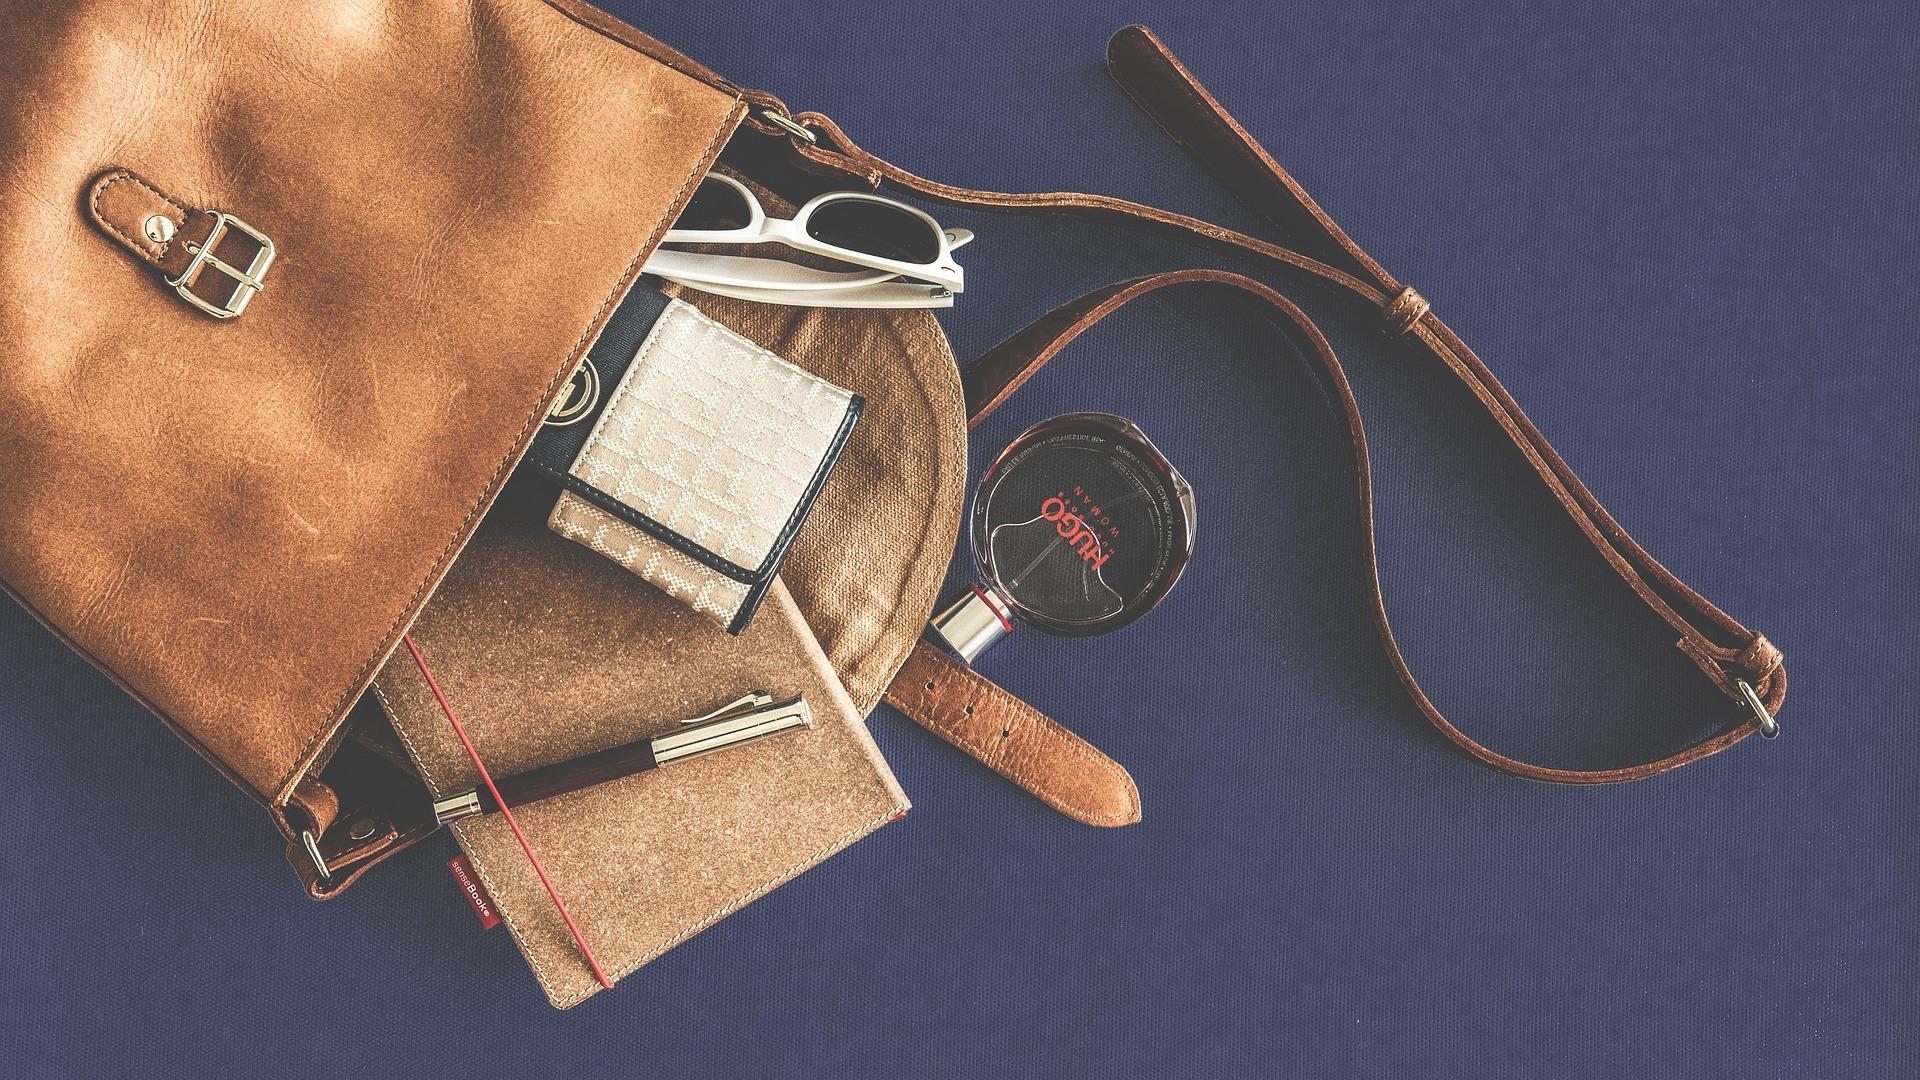 4e6ca16669de Иметь десятки сумок и выглядеть стильно – не проблема. Намного сложнее  оперировать ограниченным количеством моделей, удачно сочетая их с офисным  дресс-кодом ...